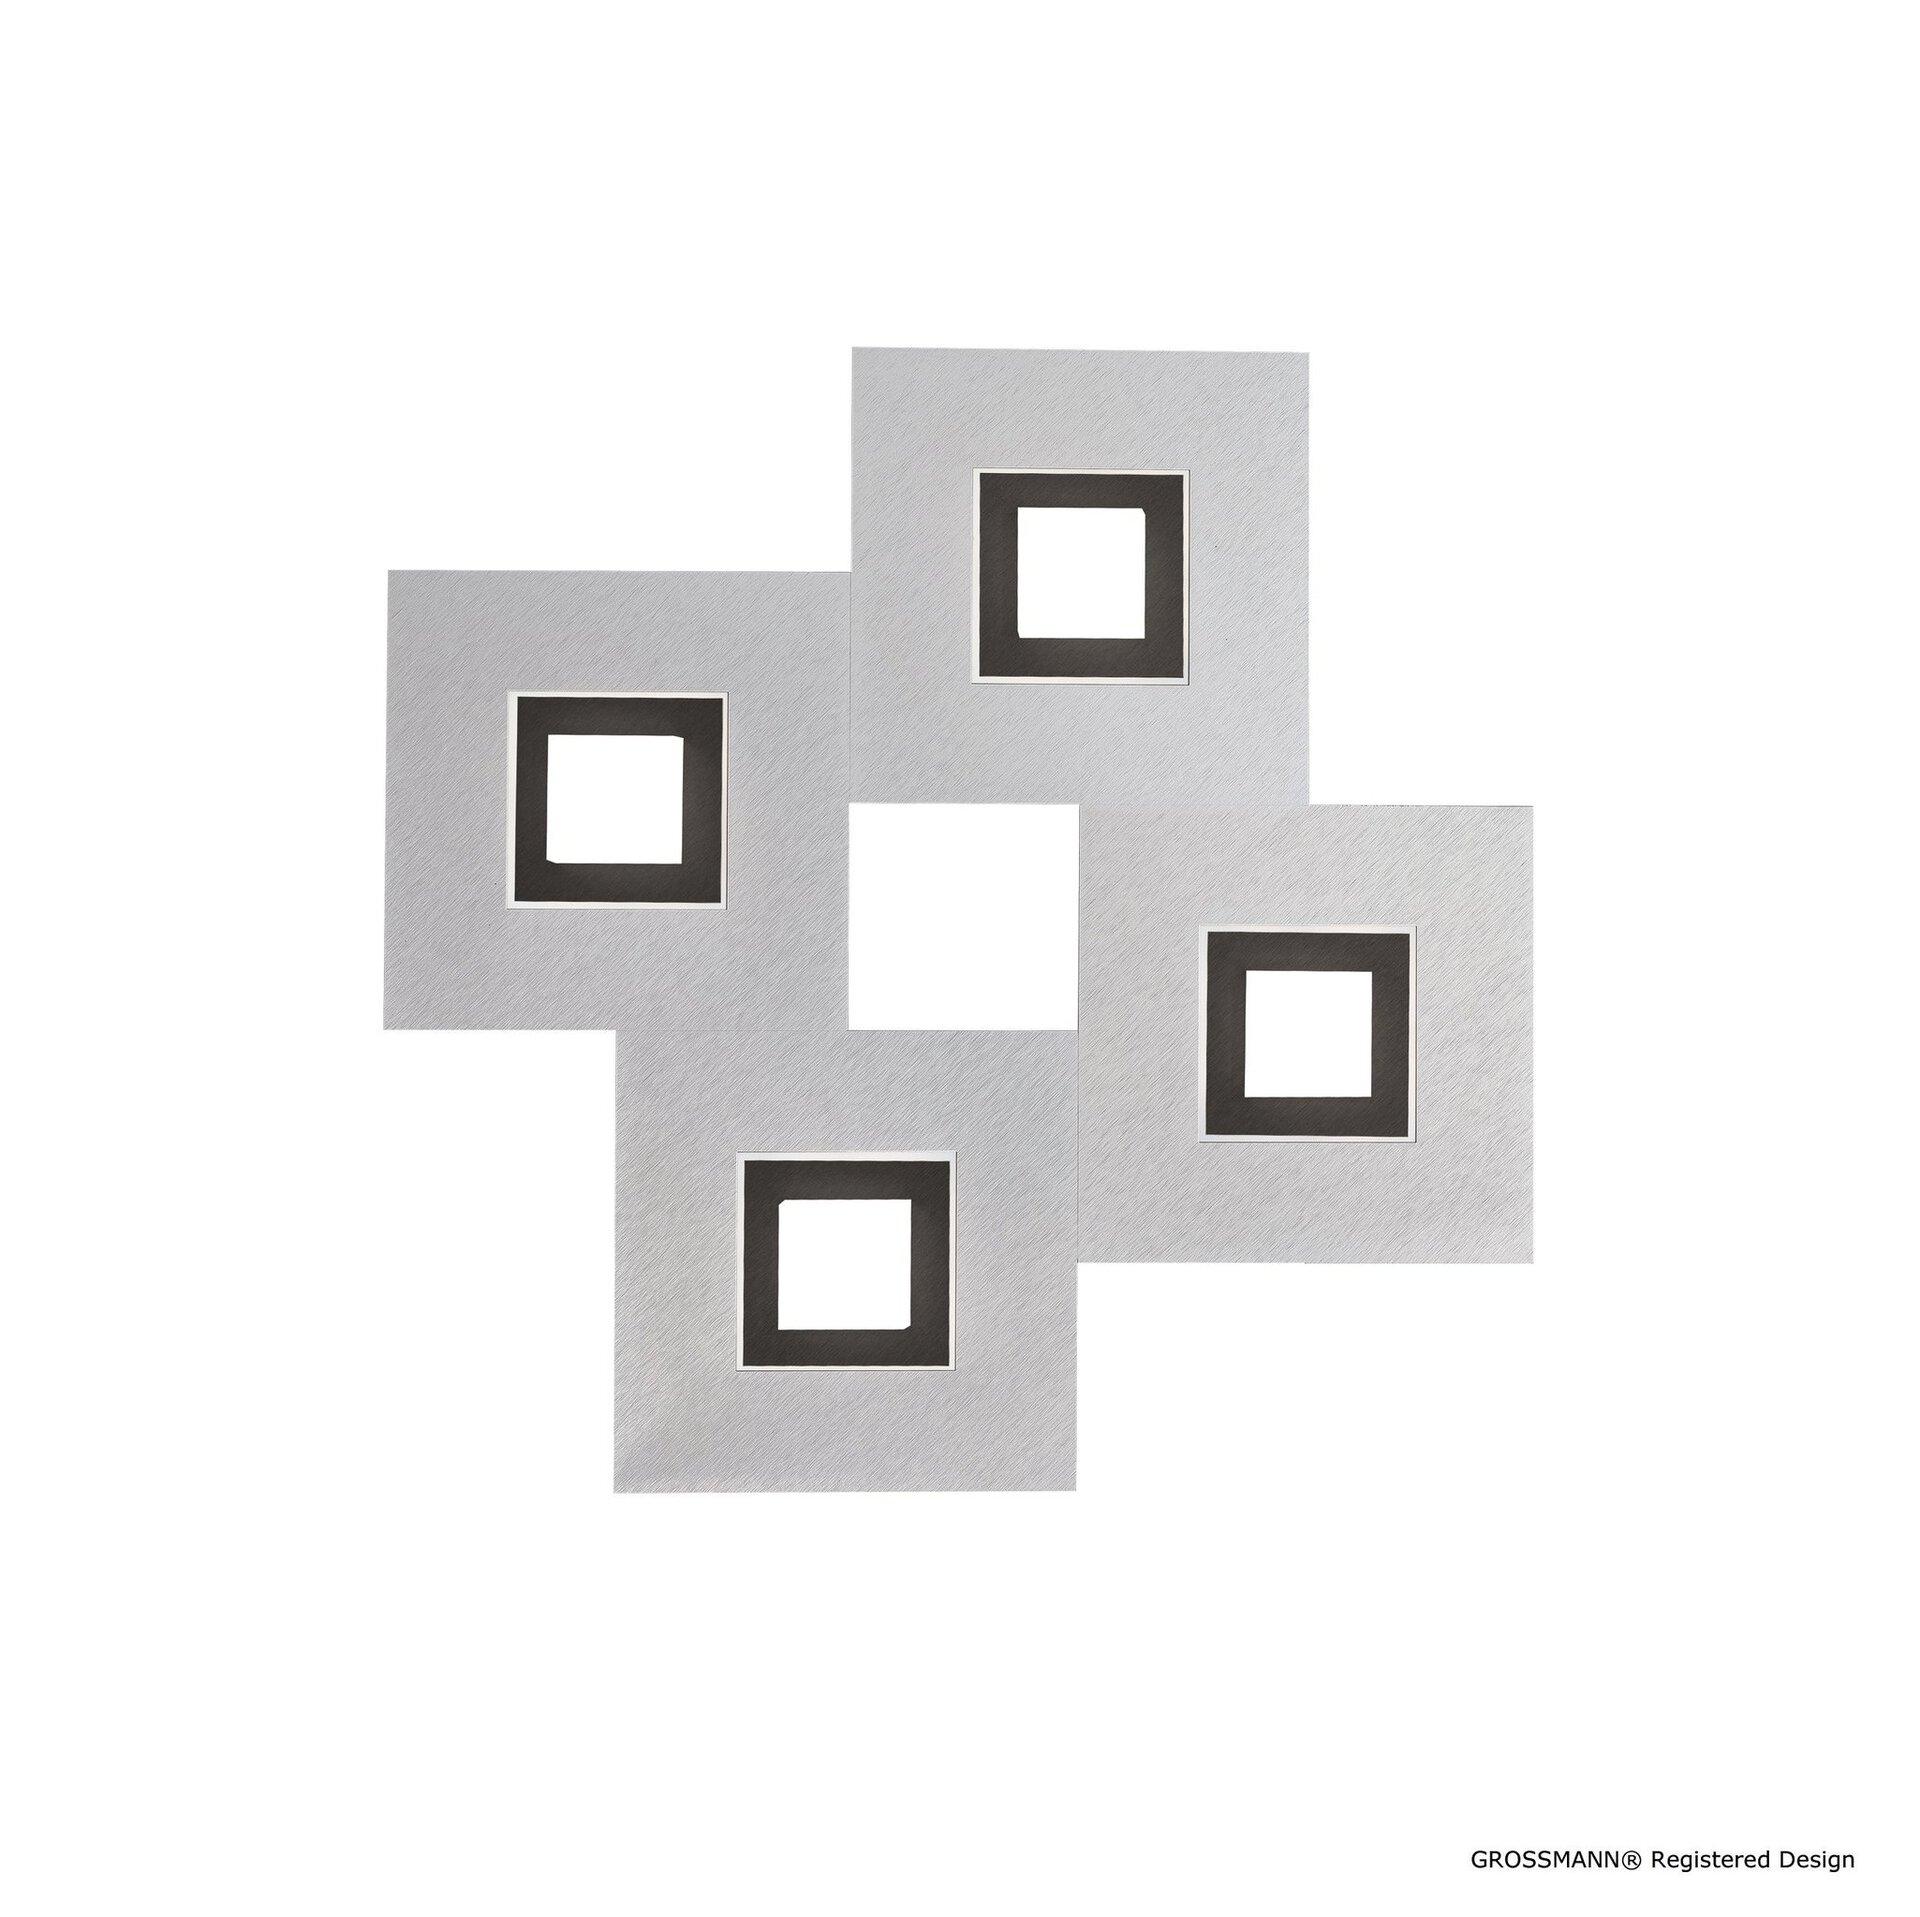 Deckenleuchte karree Grossmann Metall silber 50 x 5 x 50 cm